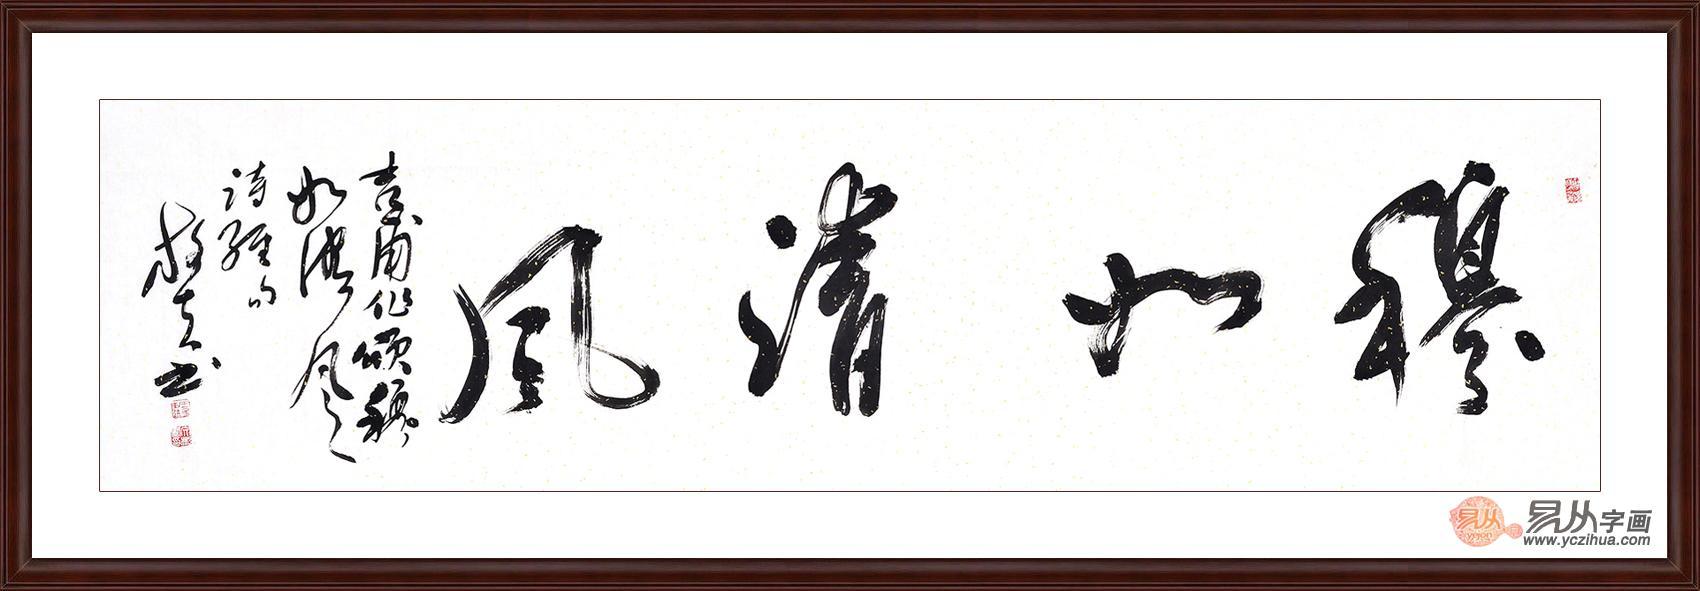 客厅四字书法横幅